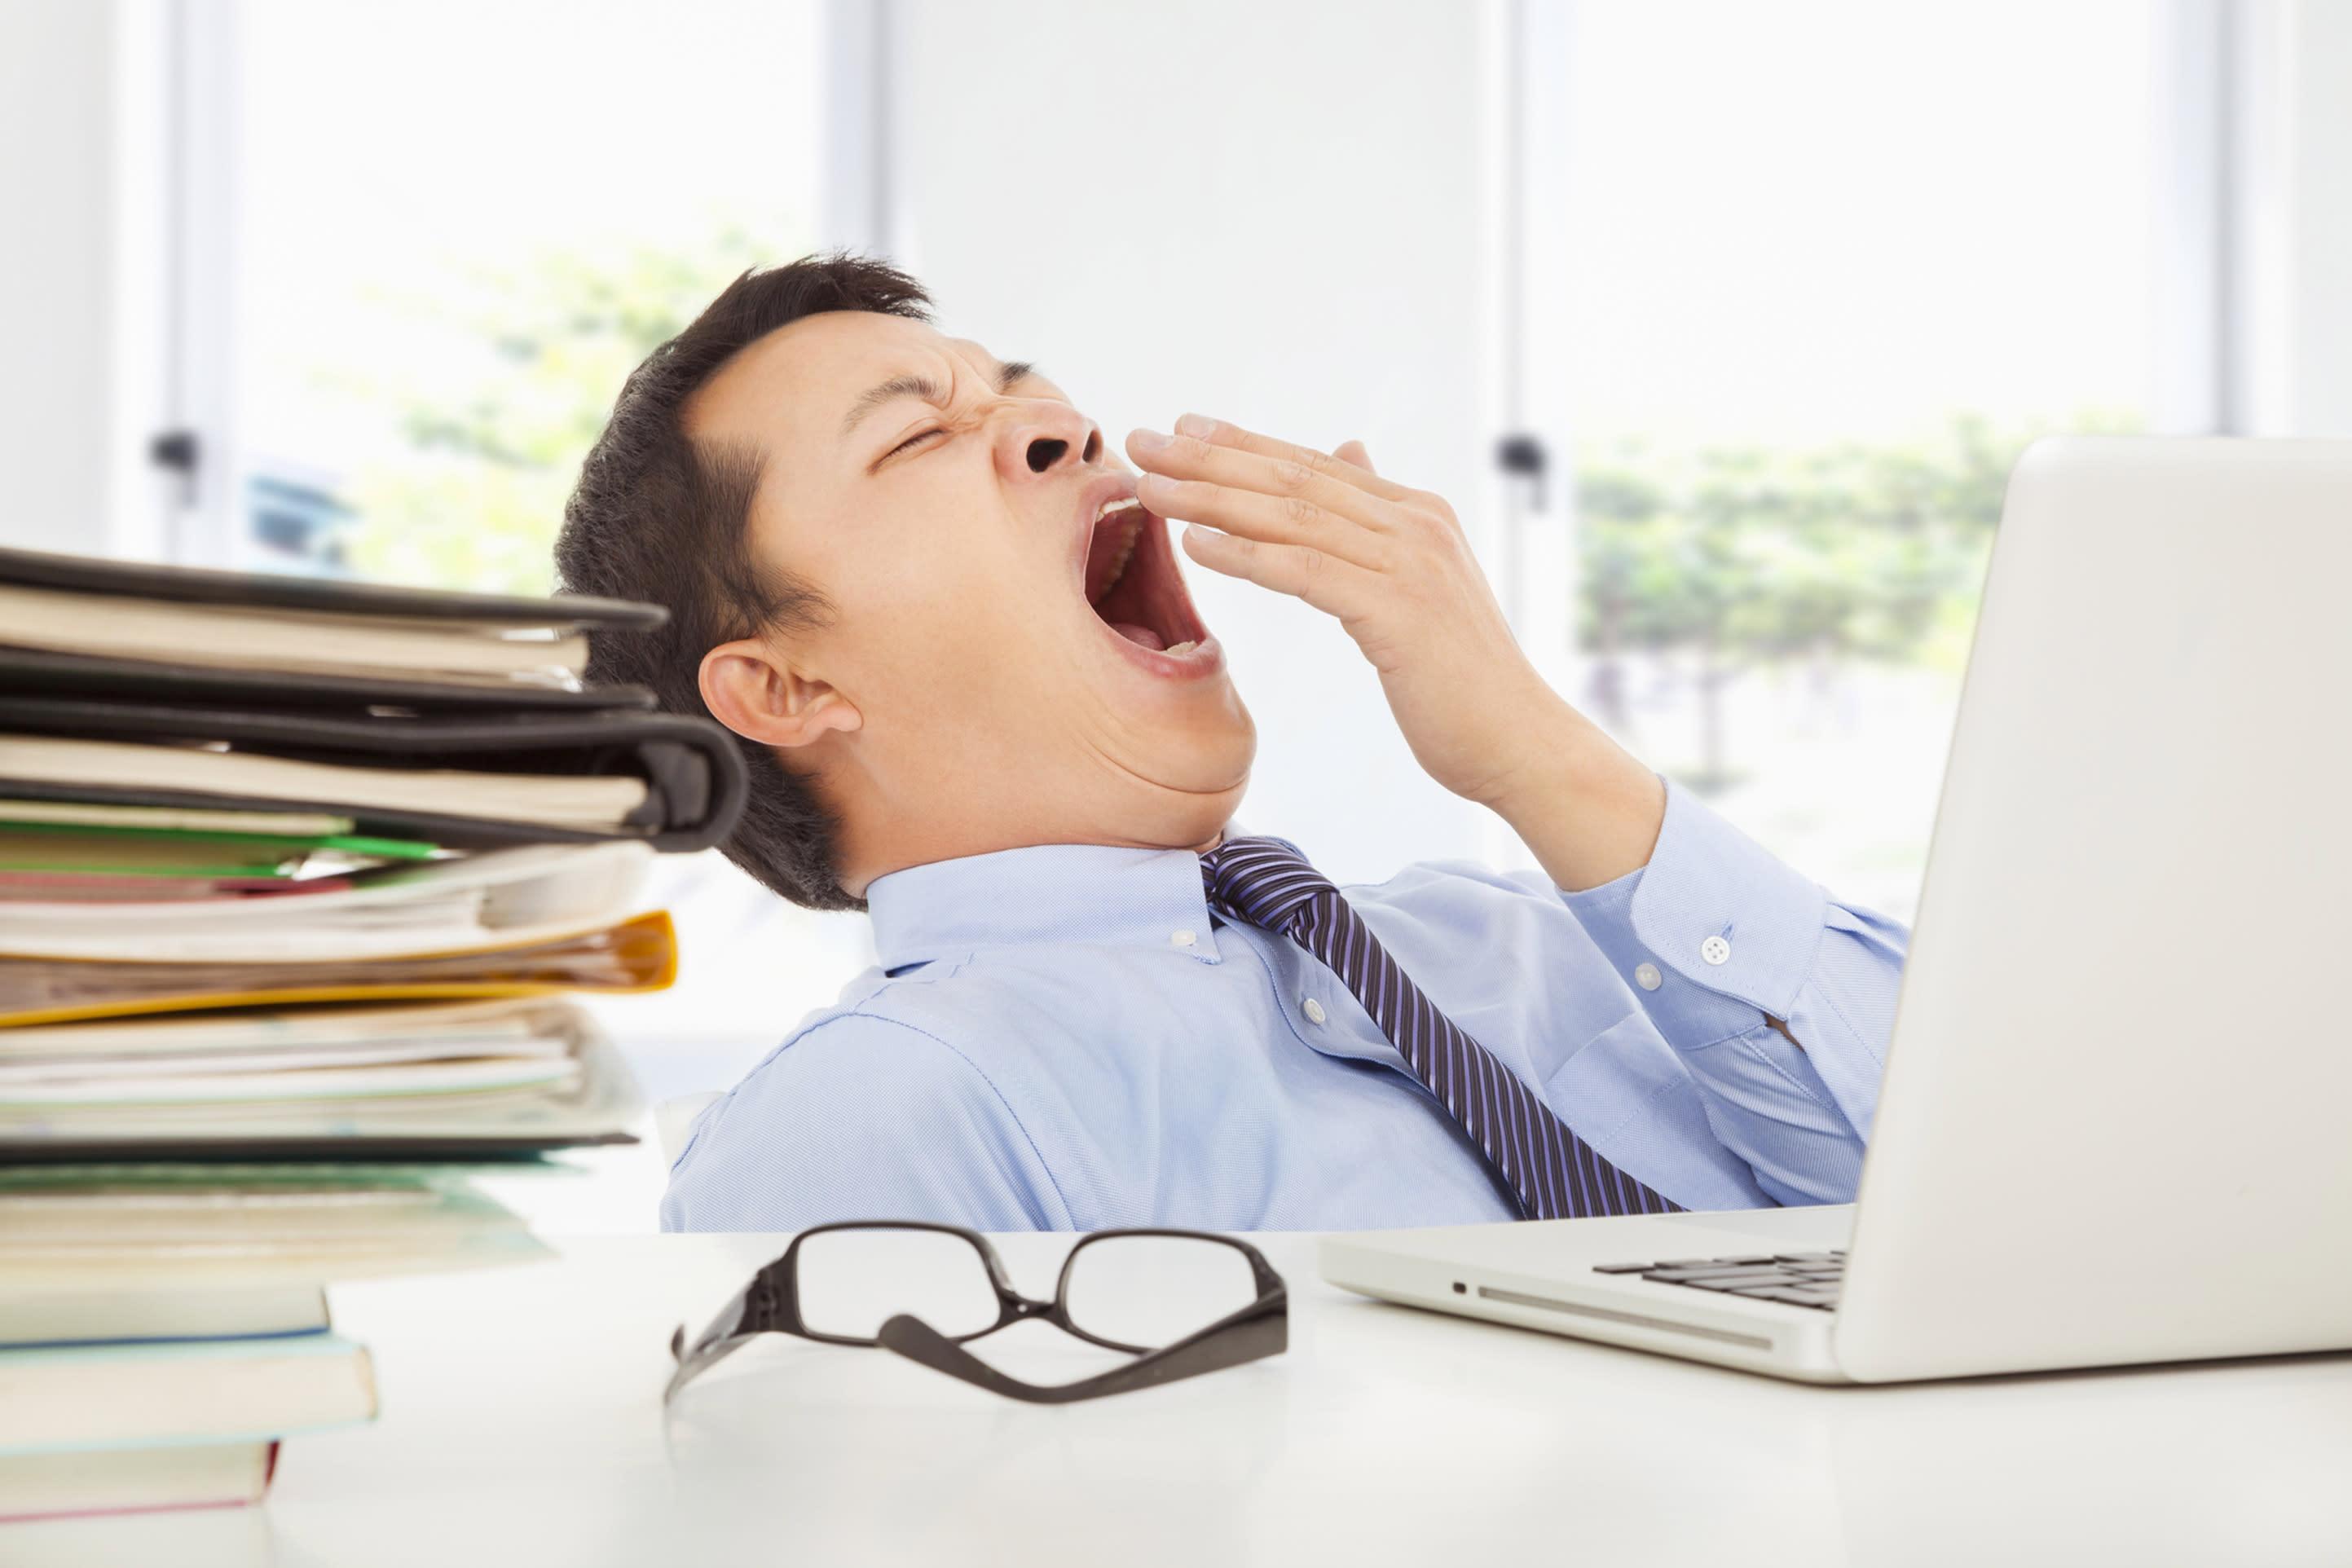 Прикольные картинки усталого человека